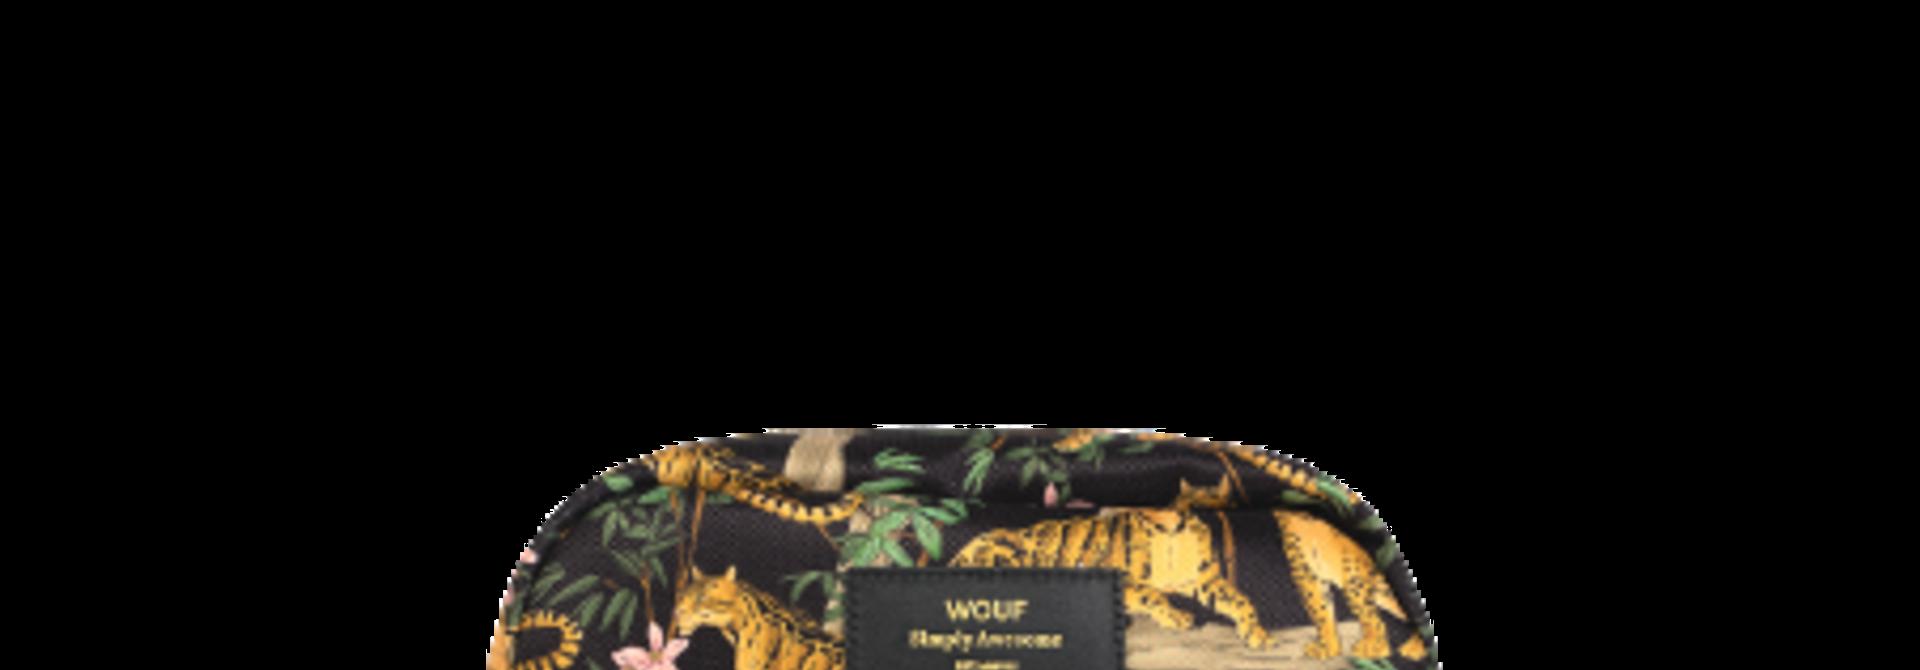 WOUF - Black Lazy Jungle Makeup Bag